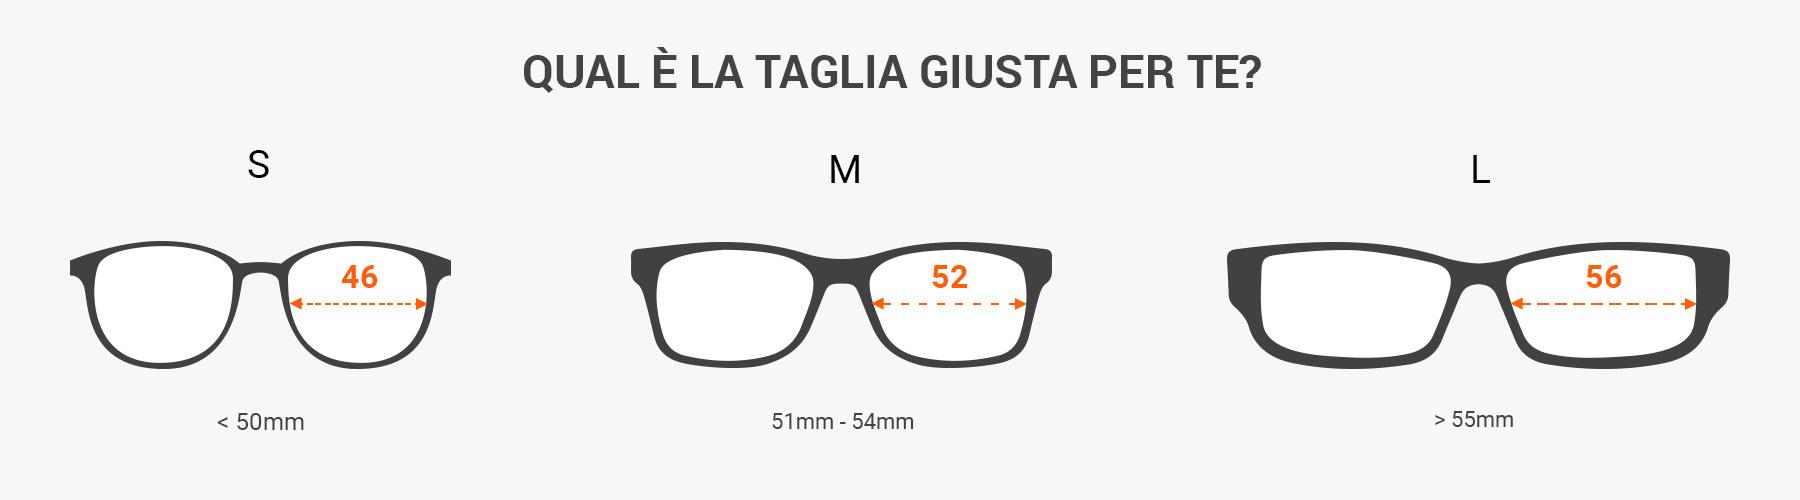 come leggere le misure degli occhiali da sole - misura gli occhiali da sole con un righello